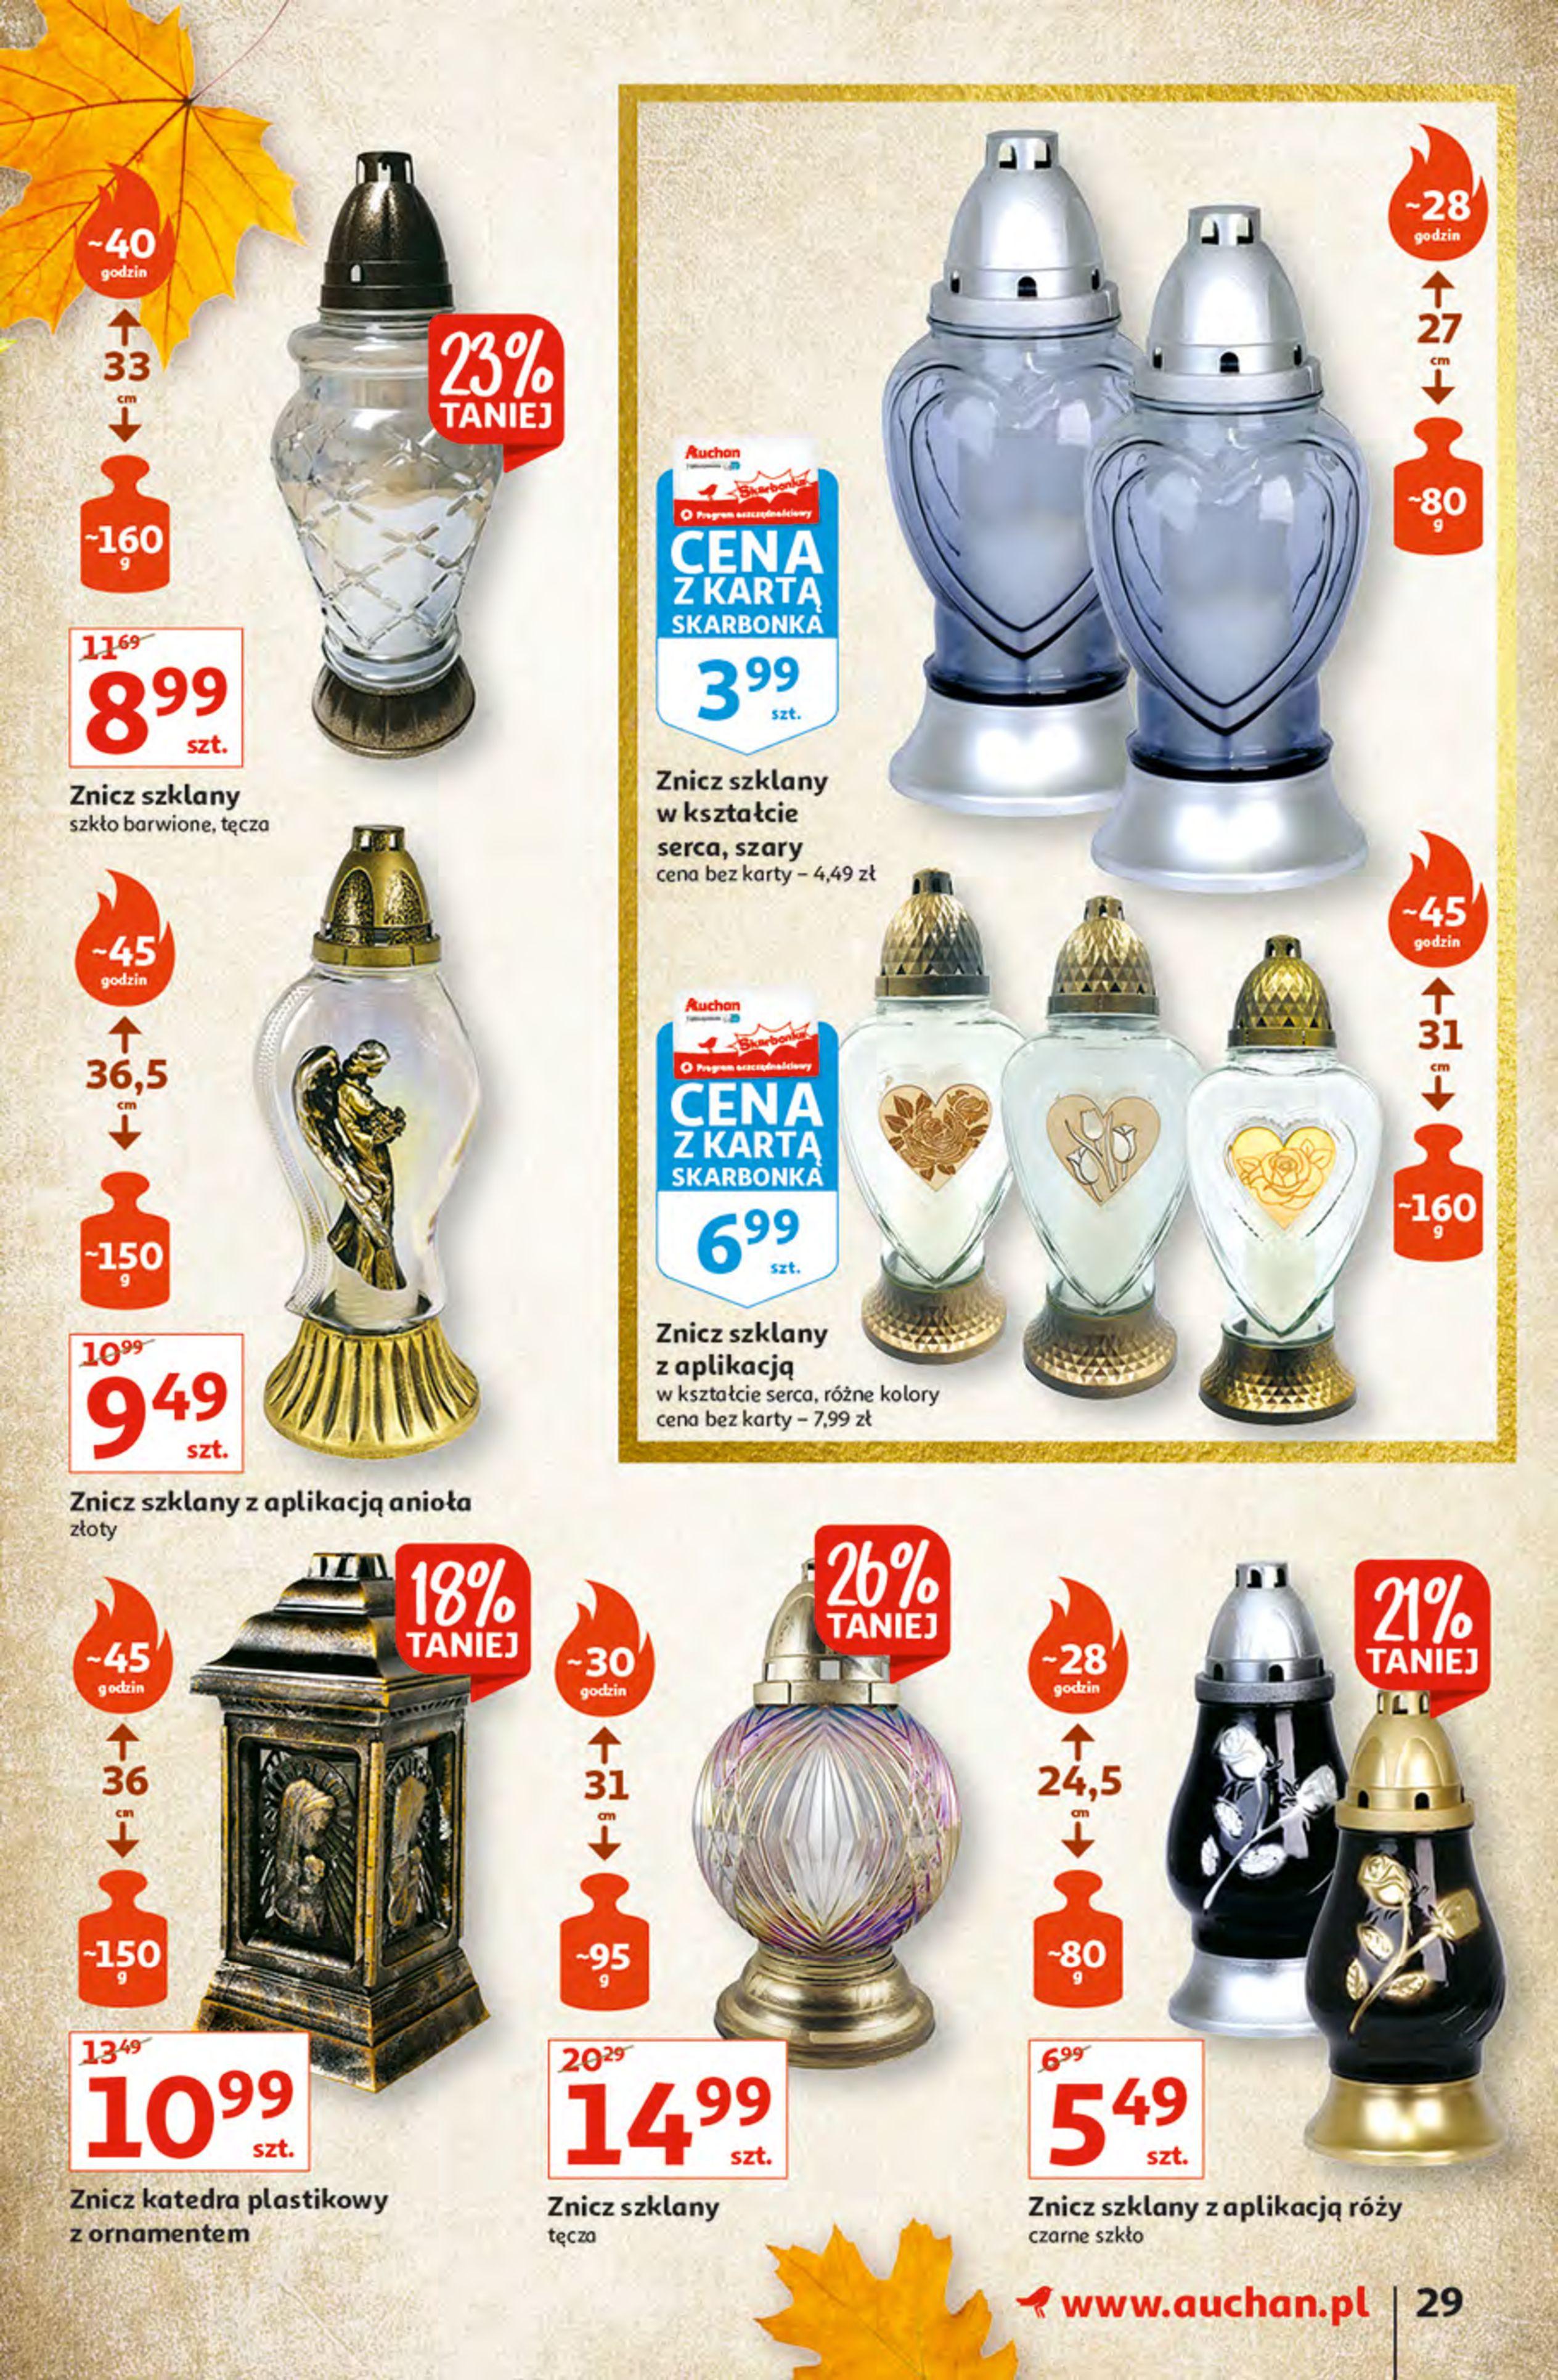 Gazetka Auchan: Gazetka Auchan - Hiperoszczędzanie z Kartą Skarbonka 2 Hipermarkety 2021-10-14 page-29